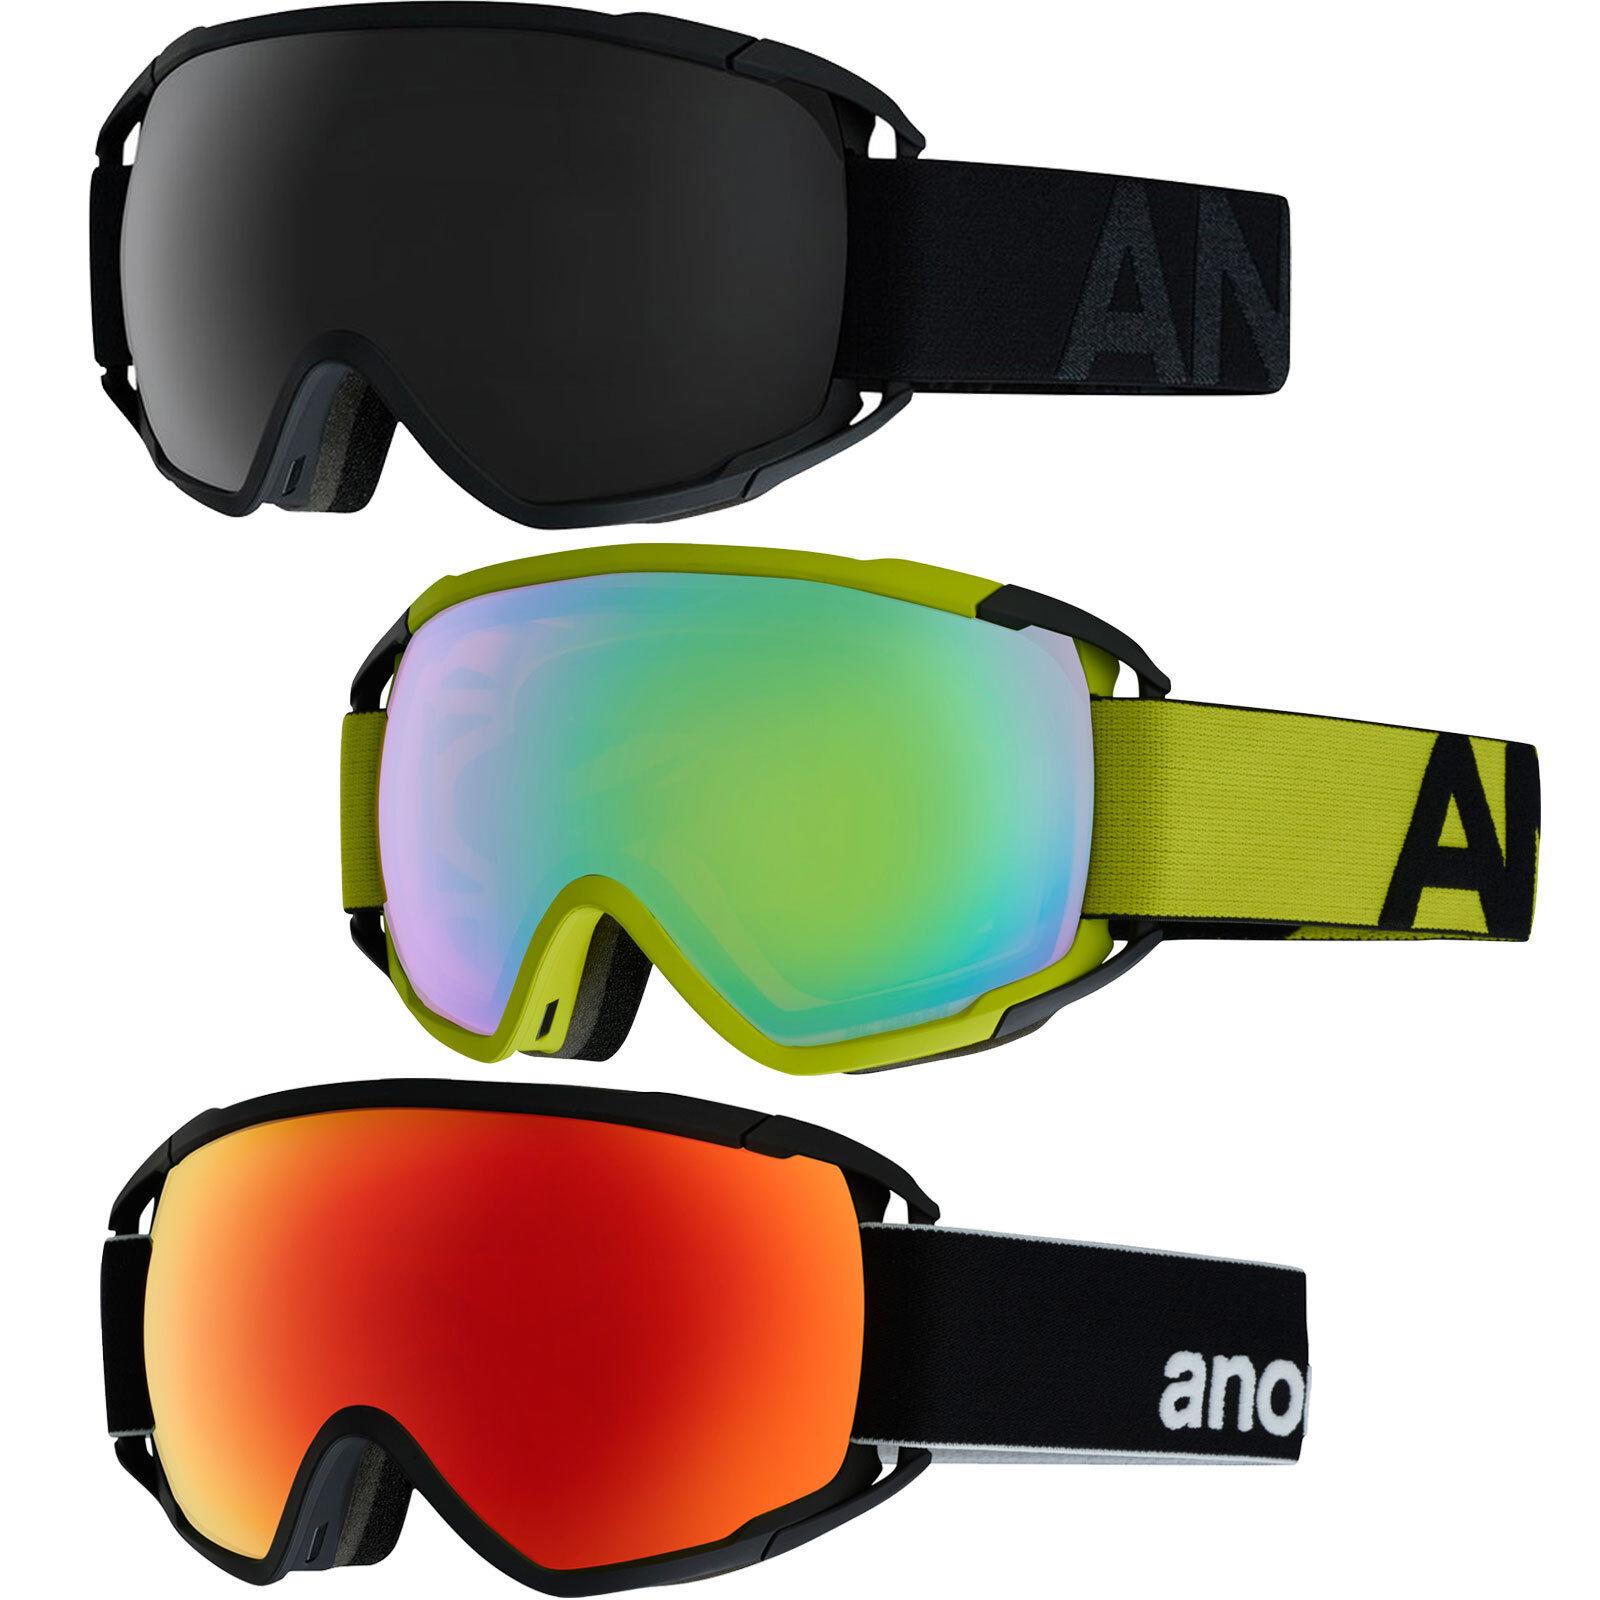 Anon Circuit Skibrille Snowboardbrille Ski Snowboard Brille Zeiss Schneebrille